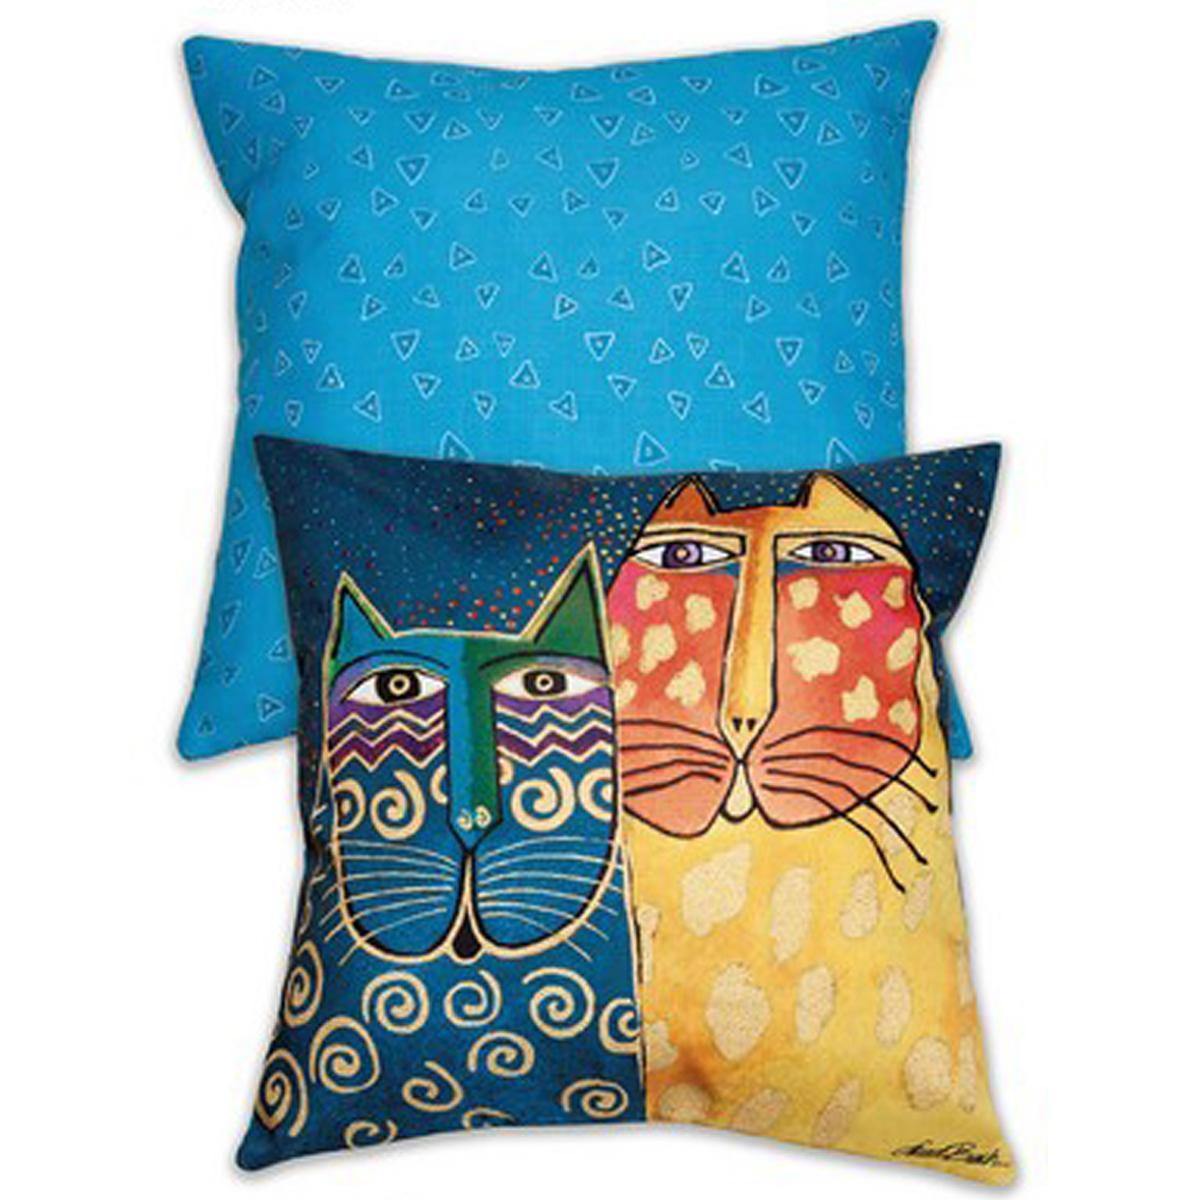 Coussin créateur \'Laurel Burch\' bleu jaune (chats) - 45x45 cm - [A2398]